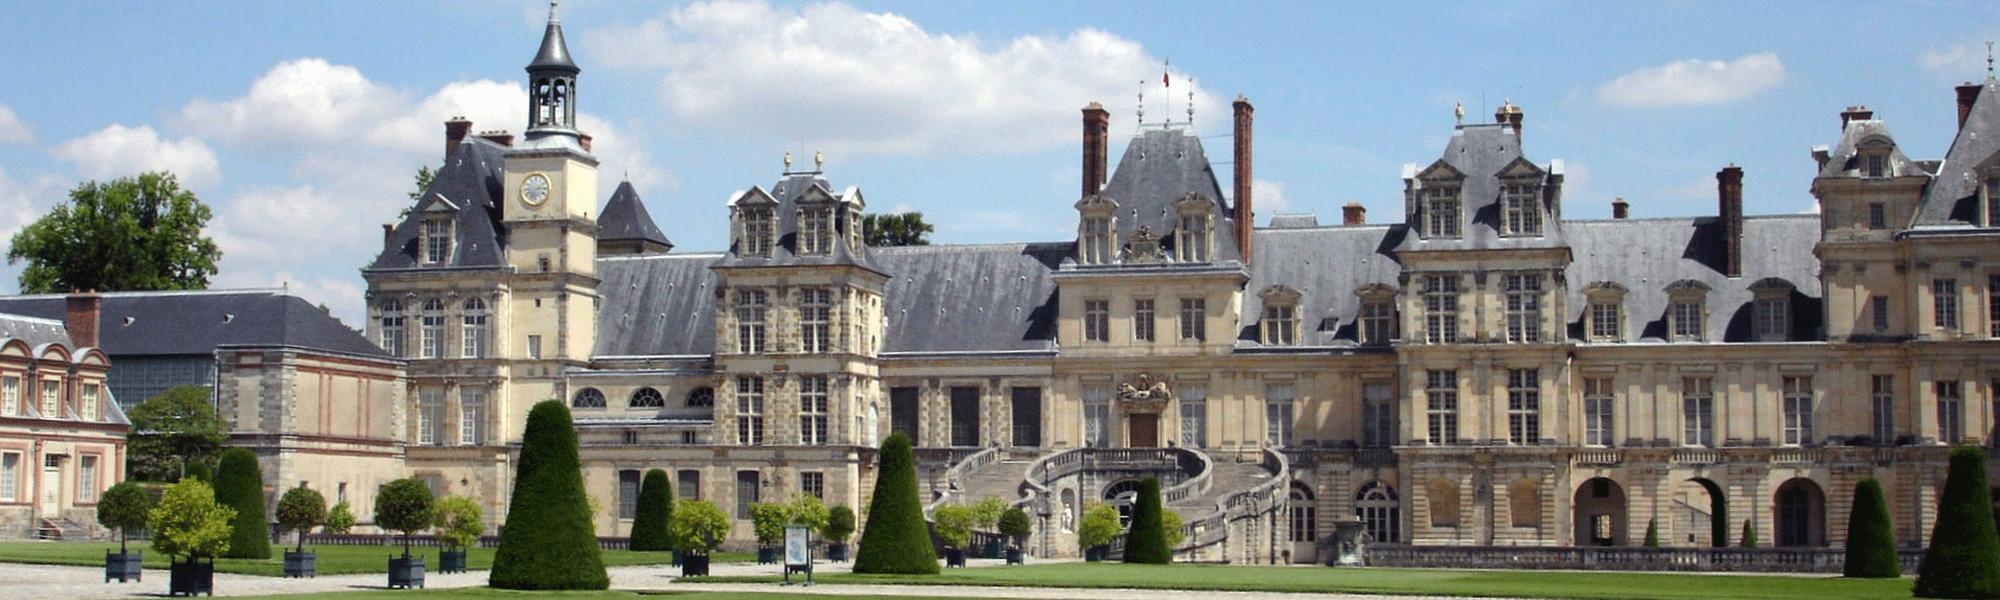 Visite_privée_vip_chateau_de_fontainebleau